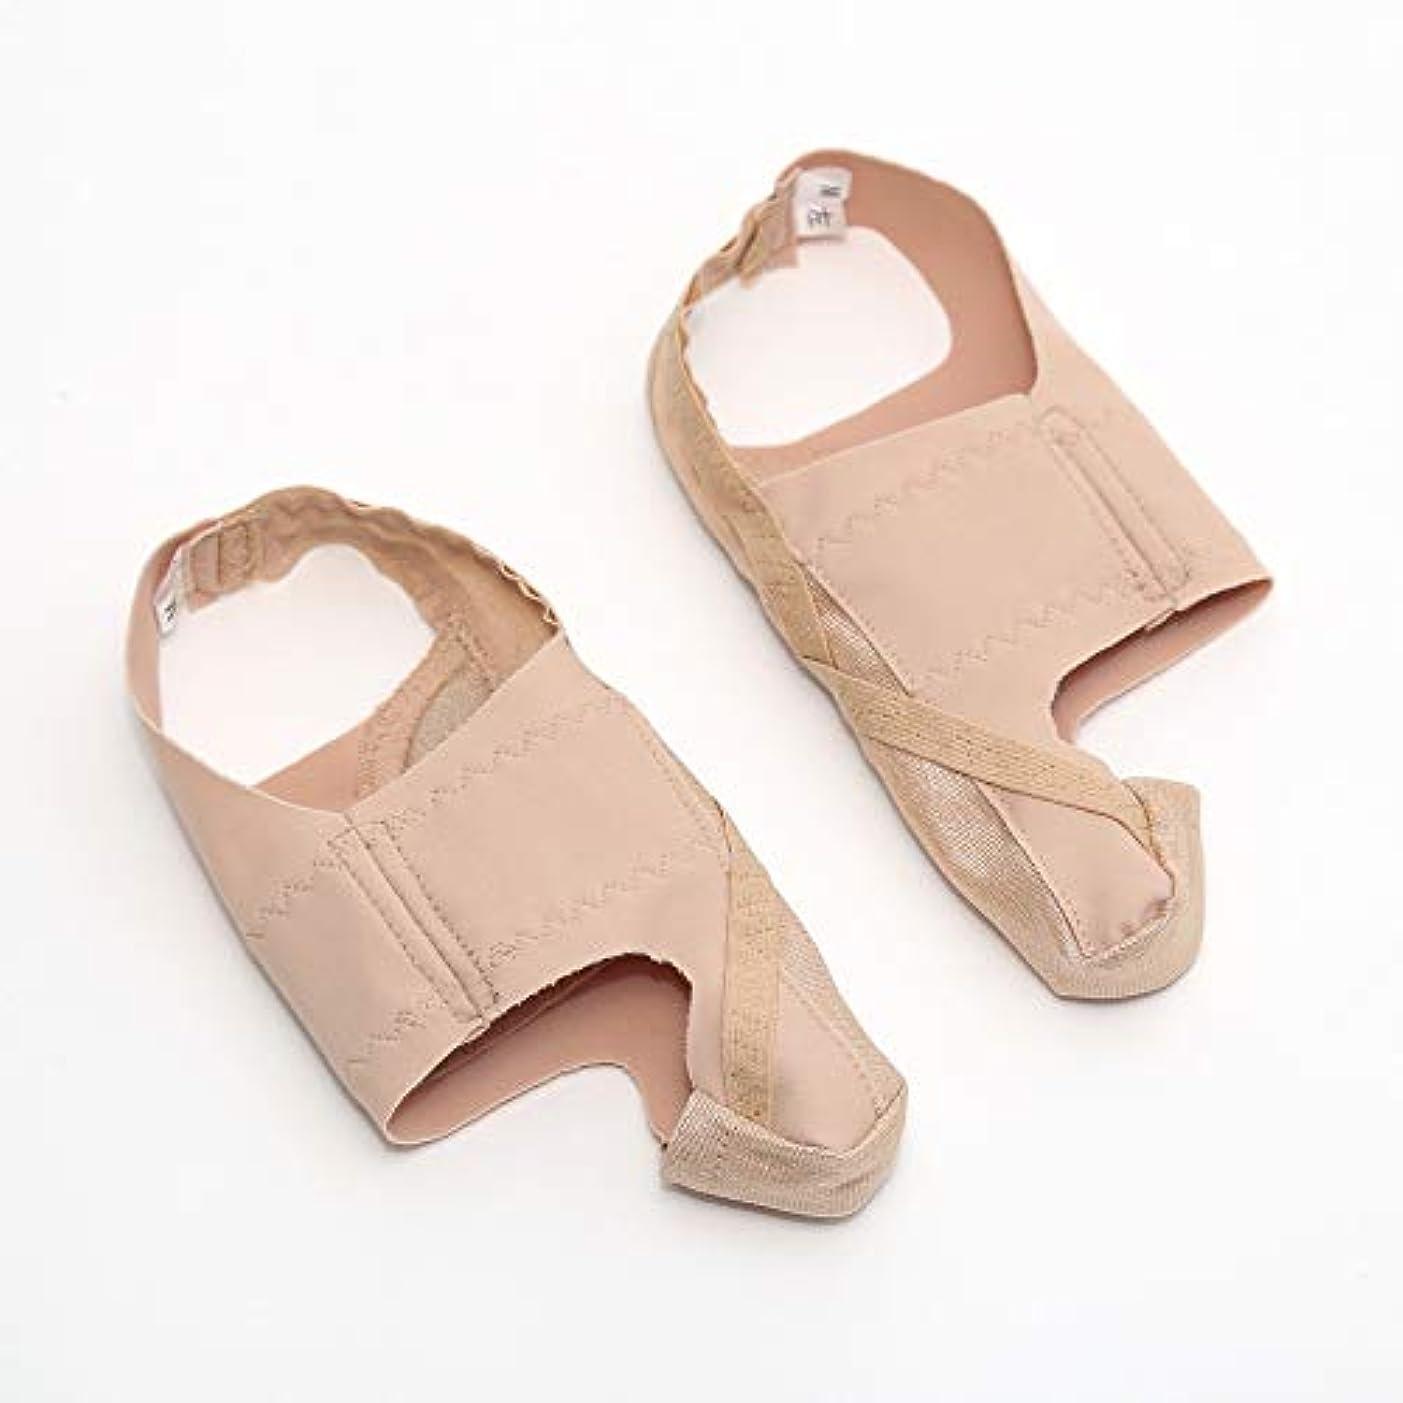 ウェーハバラ色届ける靴も履けるんデス EX Sサイズ コエンザイムQ10 美容エッセンスマスク付セット